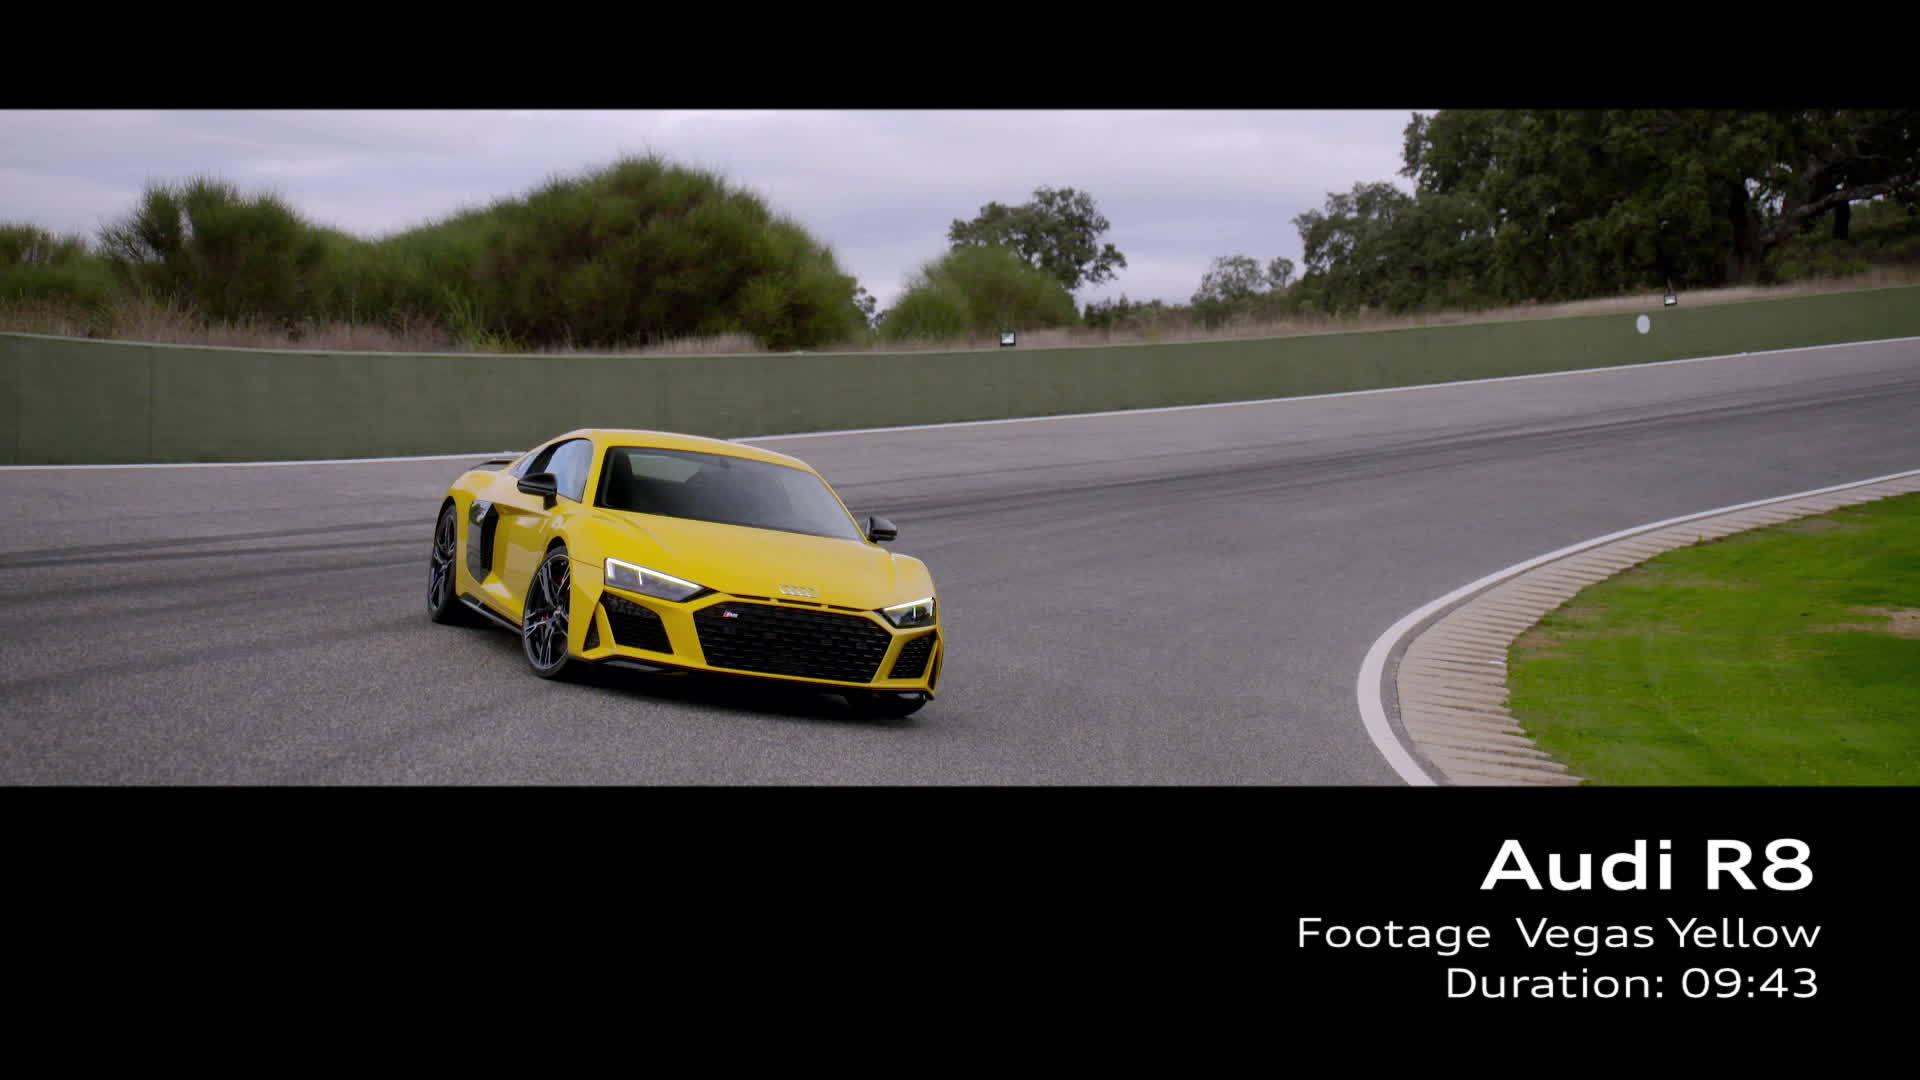 Audi R8 Footage Vegasgelb (2018)